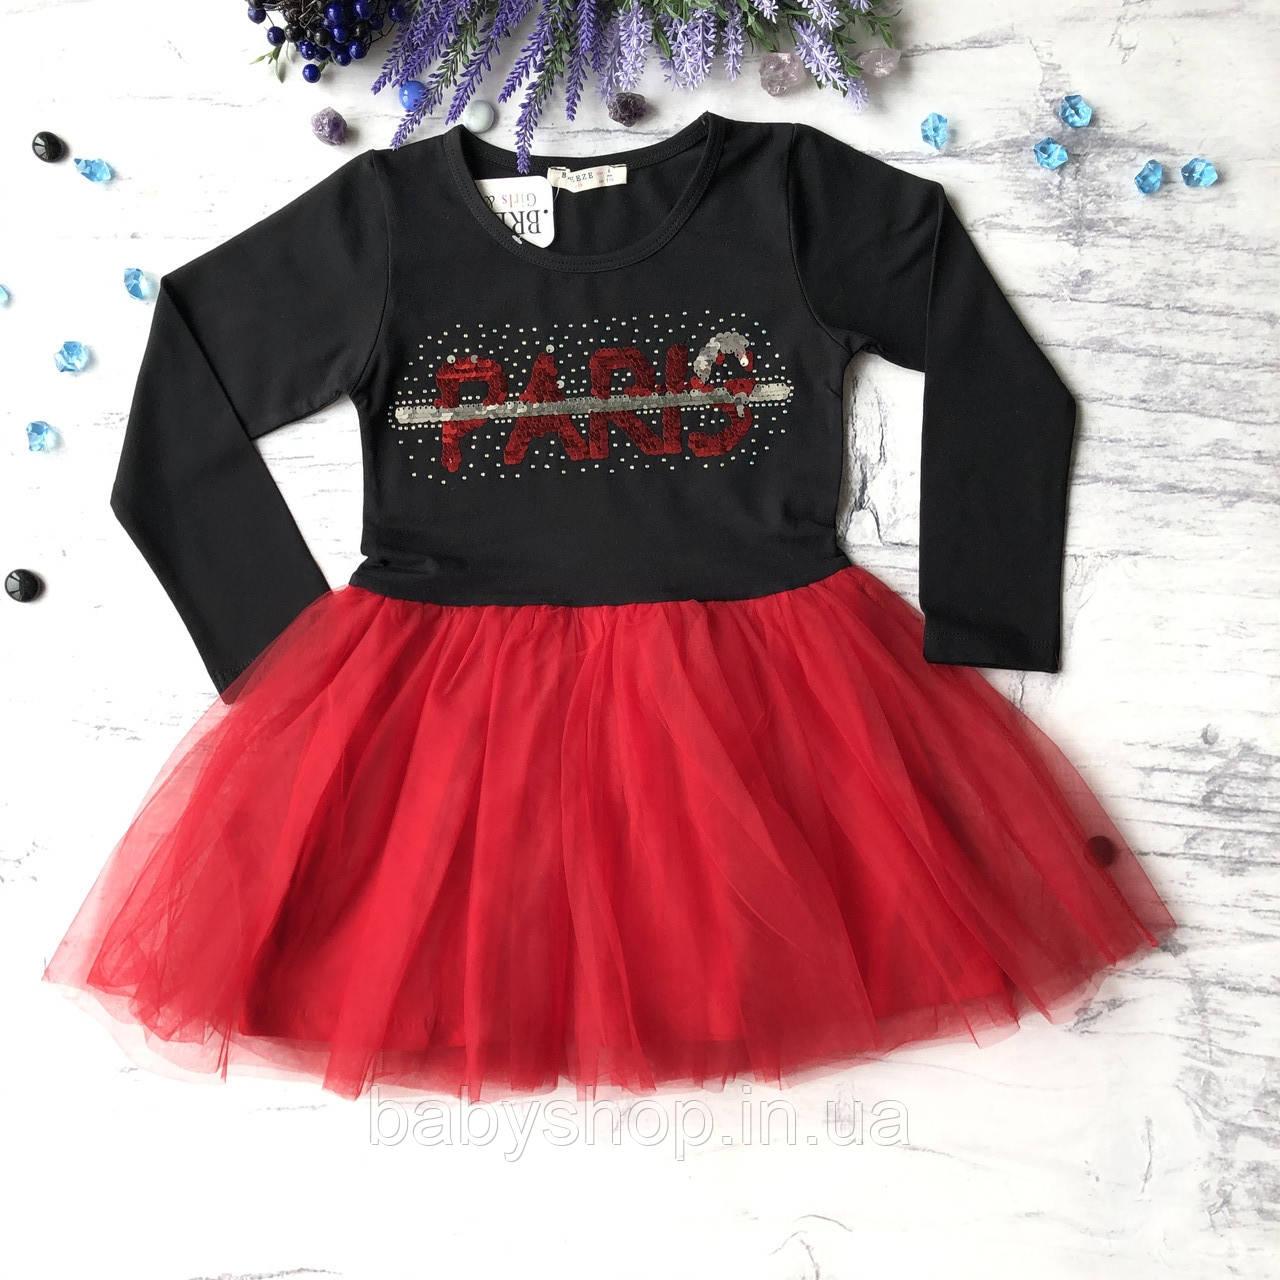 Детское платье на девочку Breeze 206 . Размер 128 см, 134 см, 140 см, 152 см